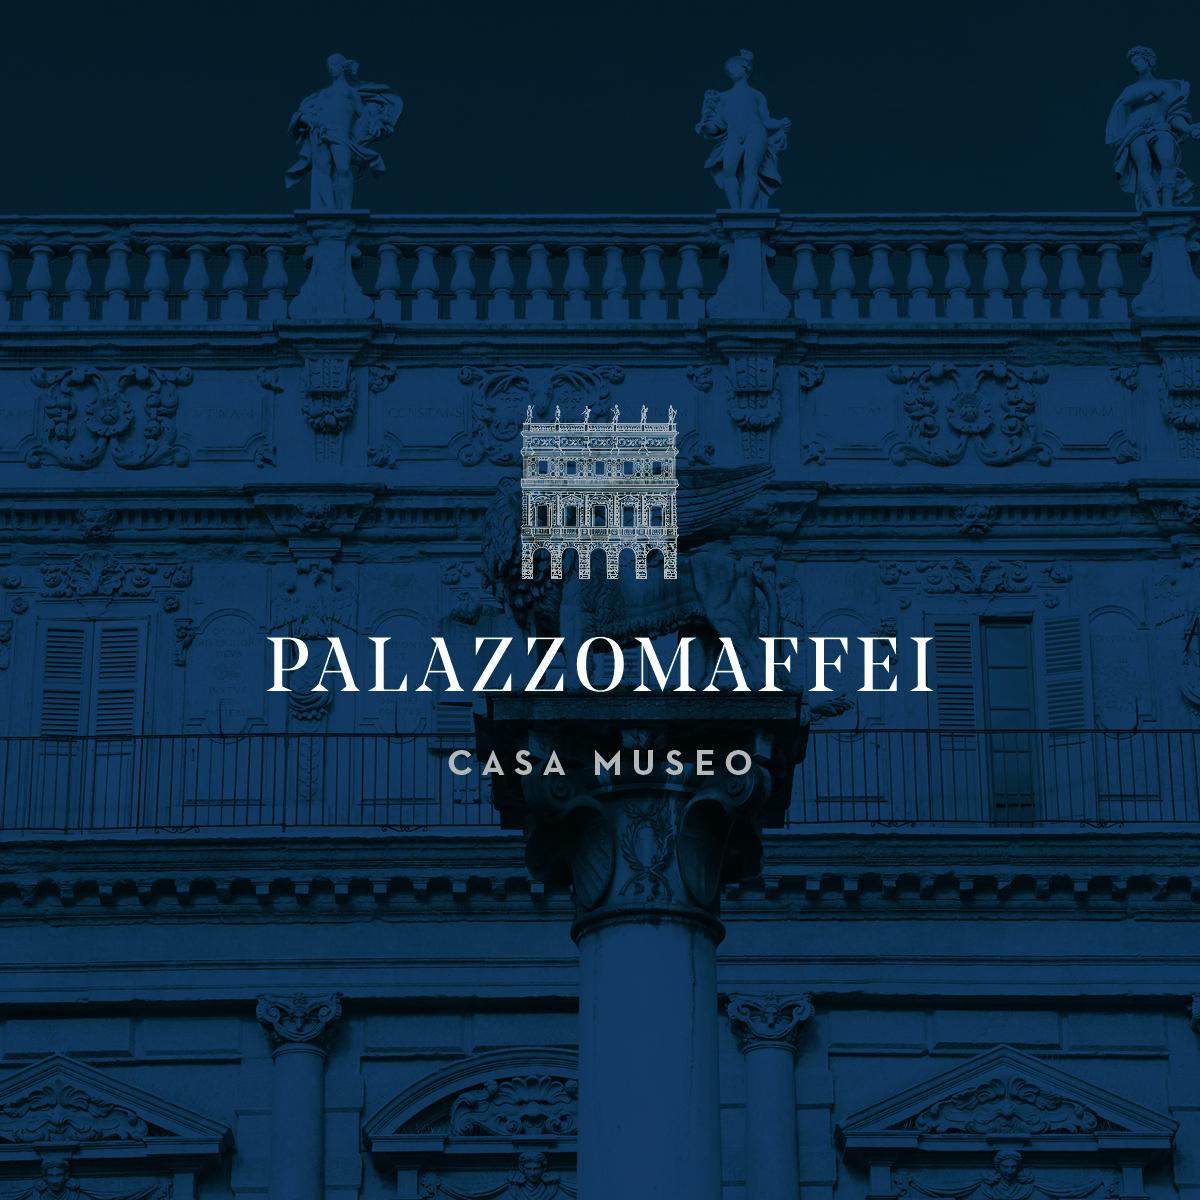 Palazzo-MaffeiCasa-Museo-017